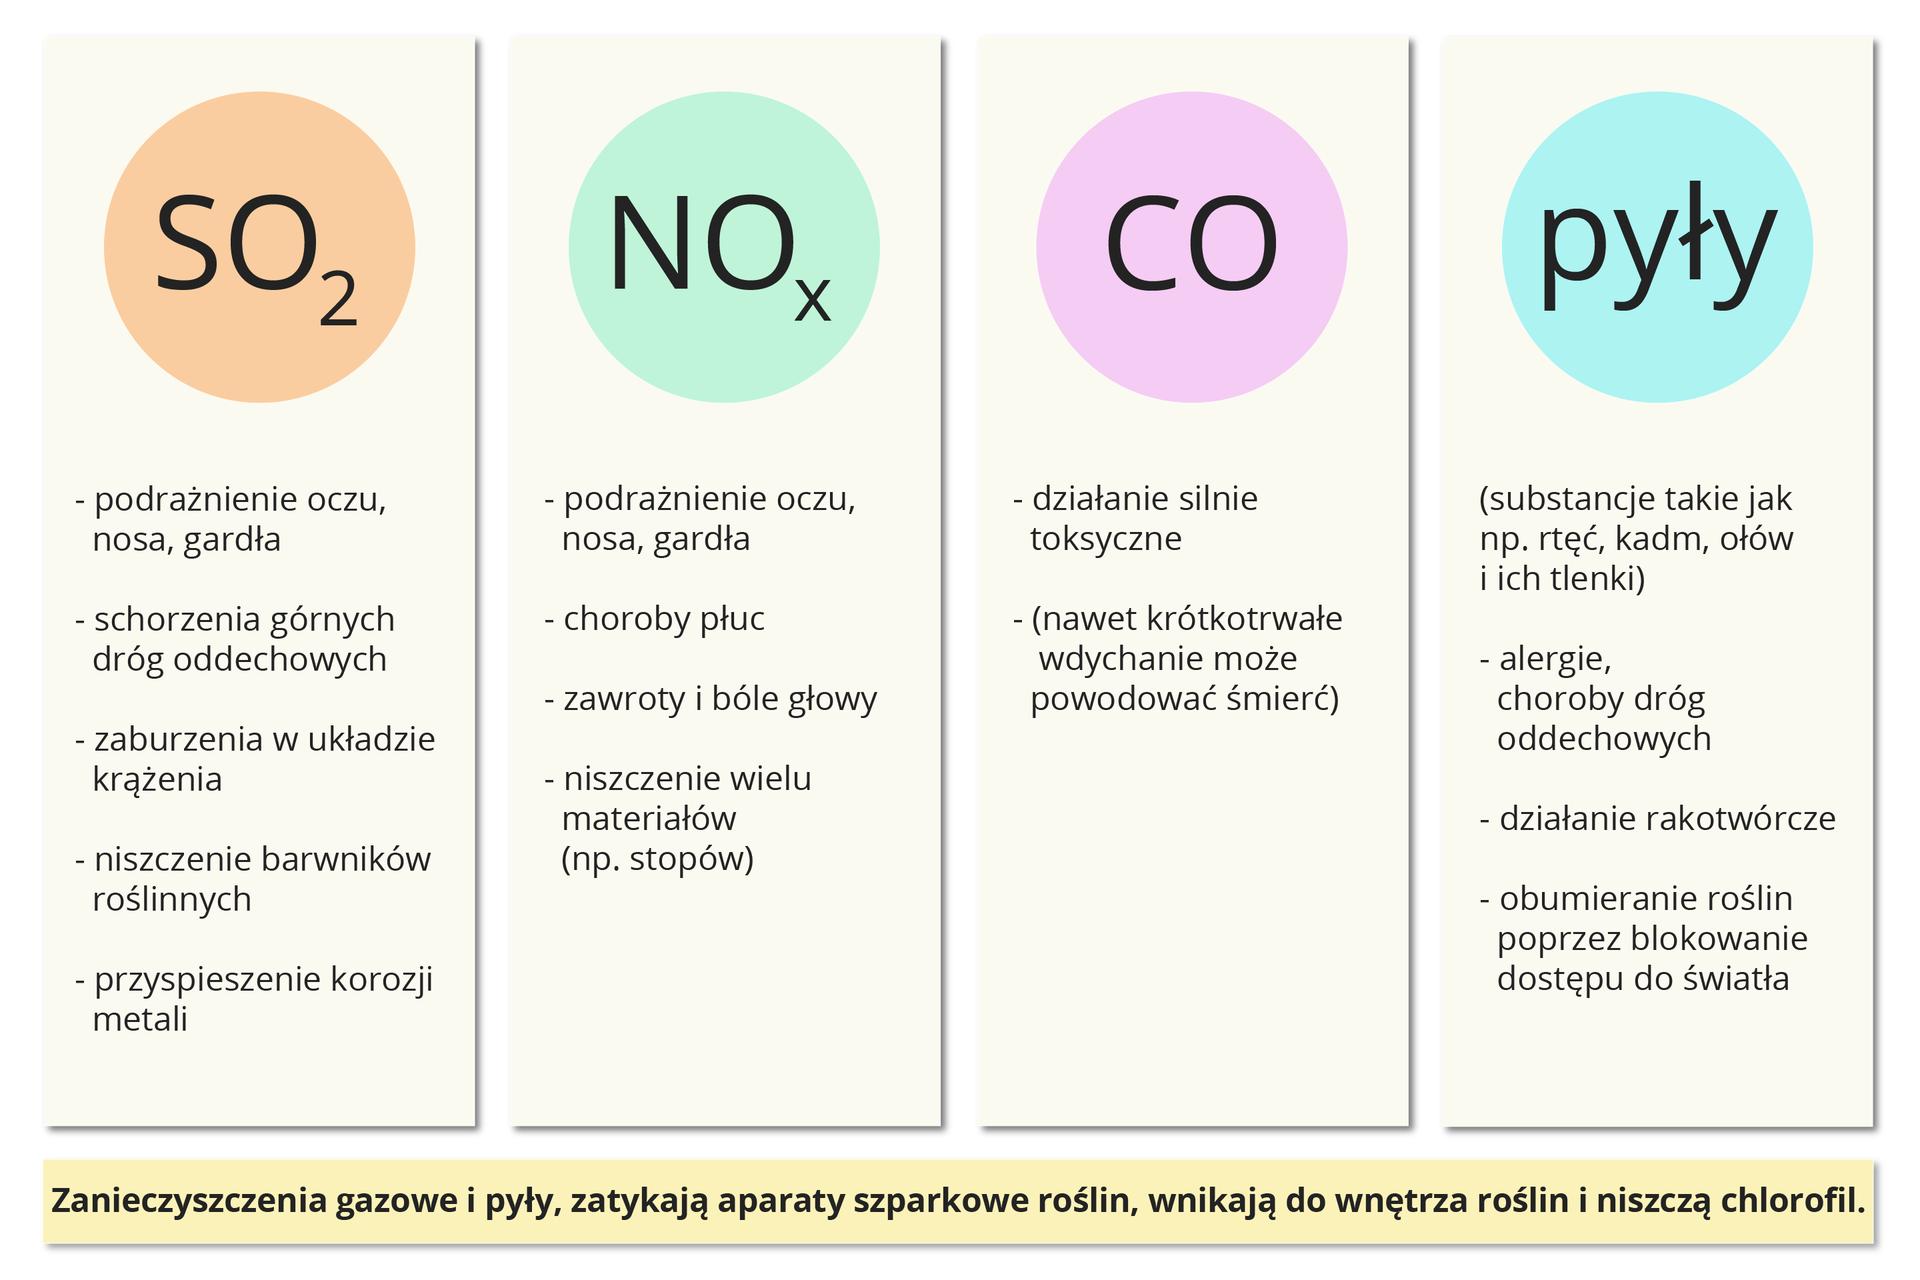 Plansza przedstawia infografikę omawiającą wybrane zanieczyszczenia powietrza. Podpis wdolnej części planszy na żółtym tle głosi: Zanieczyszczenia gazowe ipyły zatykają aparaty szparkowe roślin, wnikają do wnętrza roślin iniszczą chlorofil. Powyżej plansza podzielona jest na cztery kolumny, każdą znich rozpoczyna kolorowe koło zwzorem sumarycznym danego tlenu, grupy tlenków lub nazwą ogólną grupy zanieczyszczeń. Poniżej koła wymieniona wpunktach lista szkodliwych działań danego związku lub grupy związków. Od lewej strony są to: tlenek siarki SO2, podrażnienie oczu, nosa igardła, schorzenia górnych dróg oddechowych, zaburzenia wukładzie krążenia, niszczenie barwników roślinnych, przyspieszenie korozji metali. Tlenki azotu NOx, podrażnienie oczu, nosa igardła, choroby płuc, zawroty ibóle głowy, niszczenie wielu materiałów, na przykład stopów. Tlenek węgla CO, działanie silnie toksyczne, nawet krótkotrwałe wdychanie może powodować śmierć. Ostatnia kolumna to pyły, substancje takie jak np. rtęć, kadm, ołów iich tlenki. Powodują alergie, choroby dróg oddechowych, mają działanie rakotwórcze, powodują obumieranie roślin poprzez blokowanie dostępu do światła.